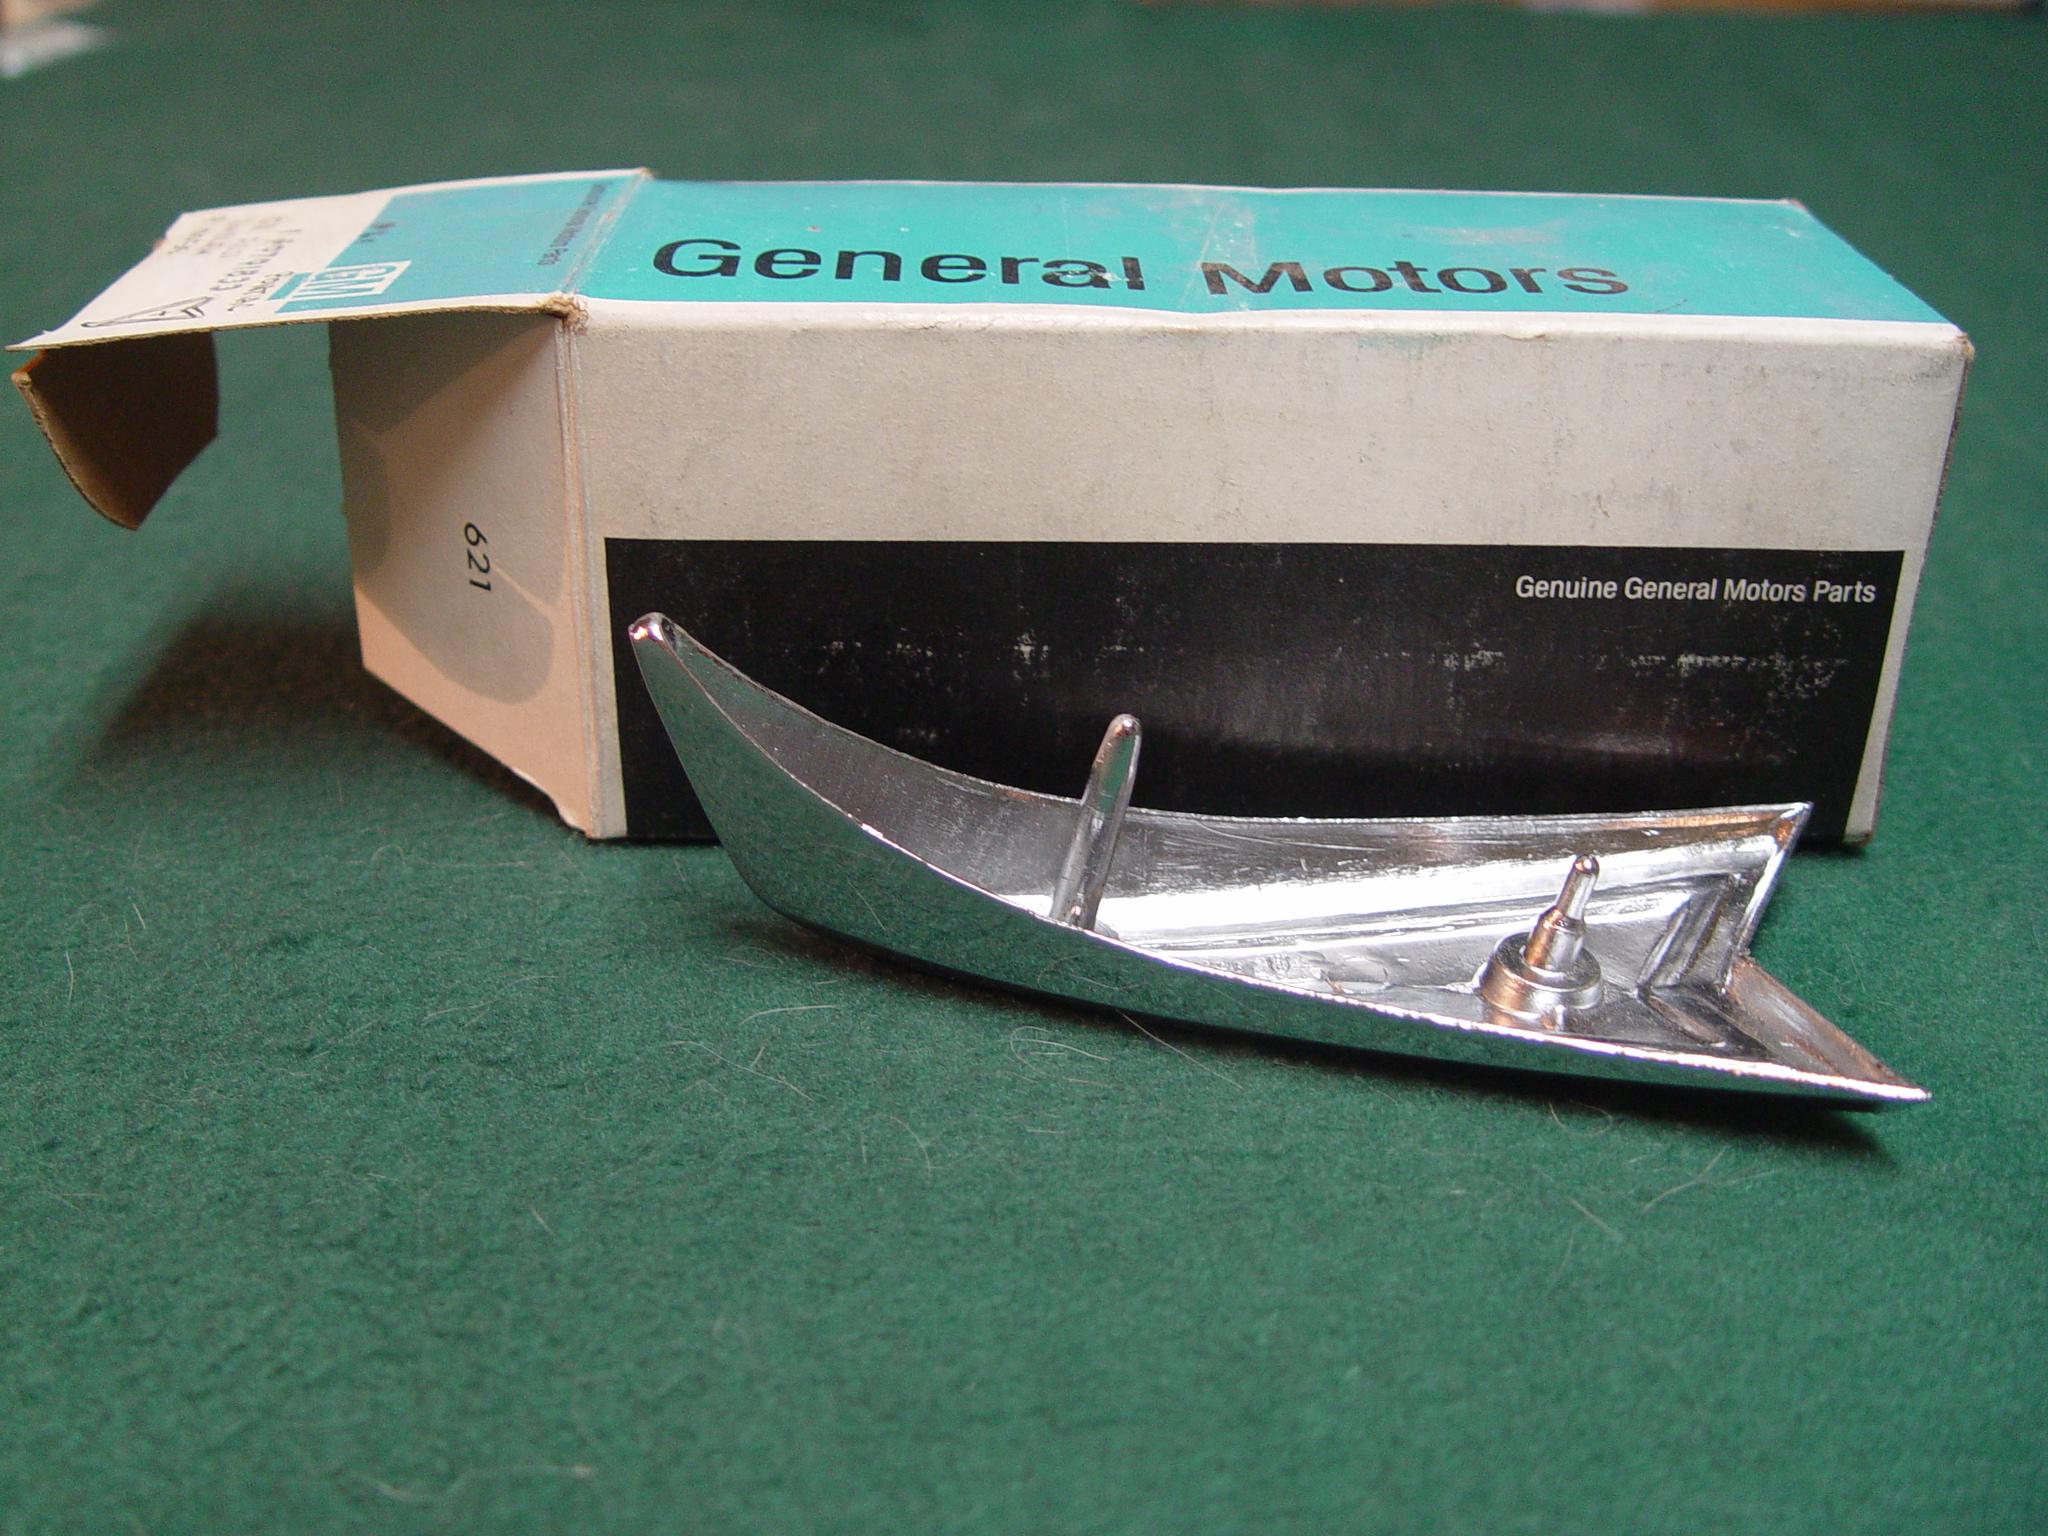 1968 Pontiac Gto Or Tempest Chrome Front Bumper Emblem